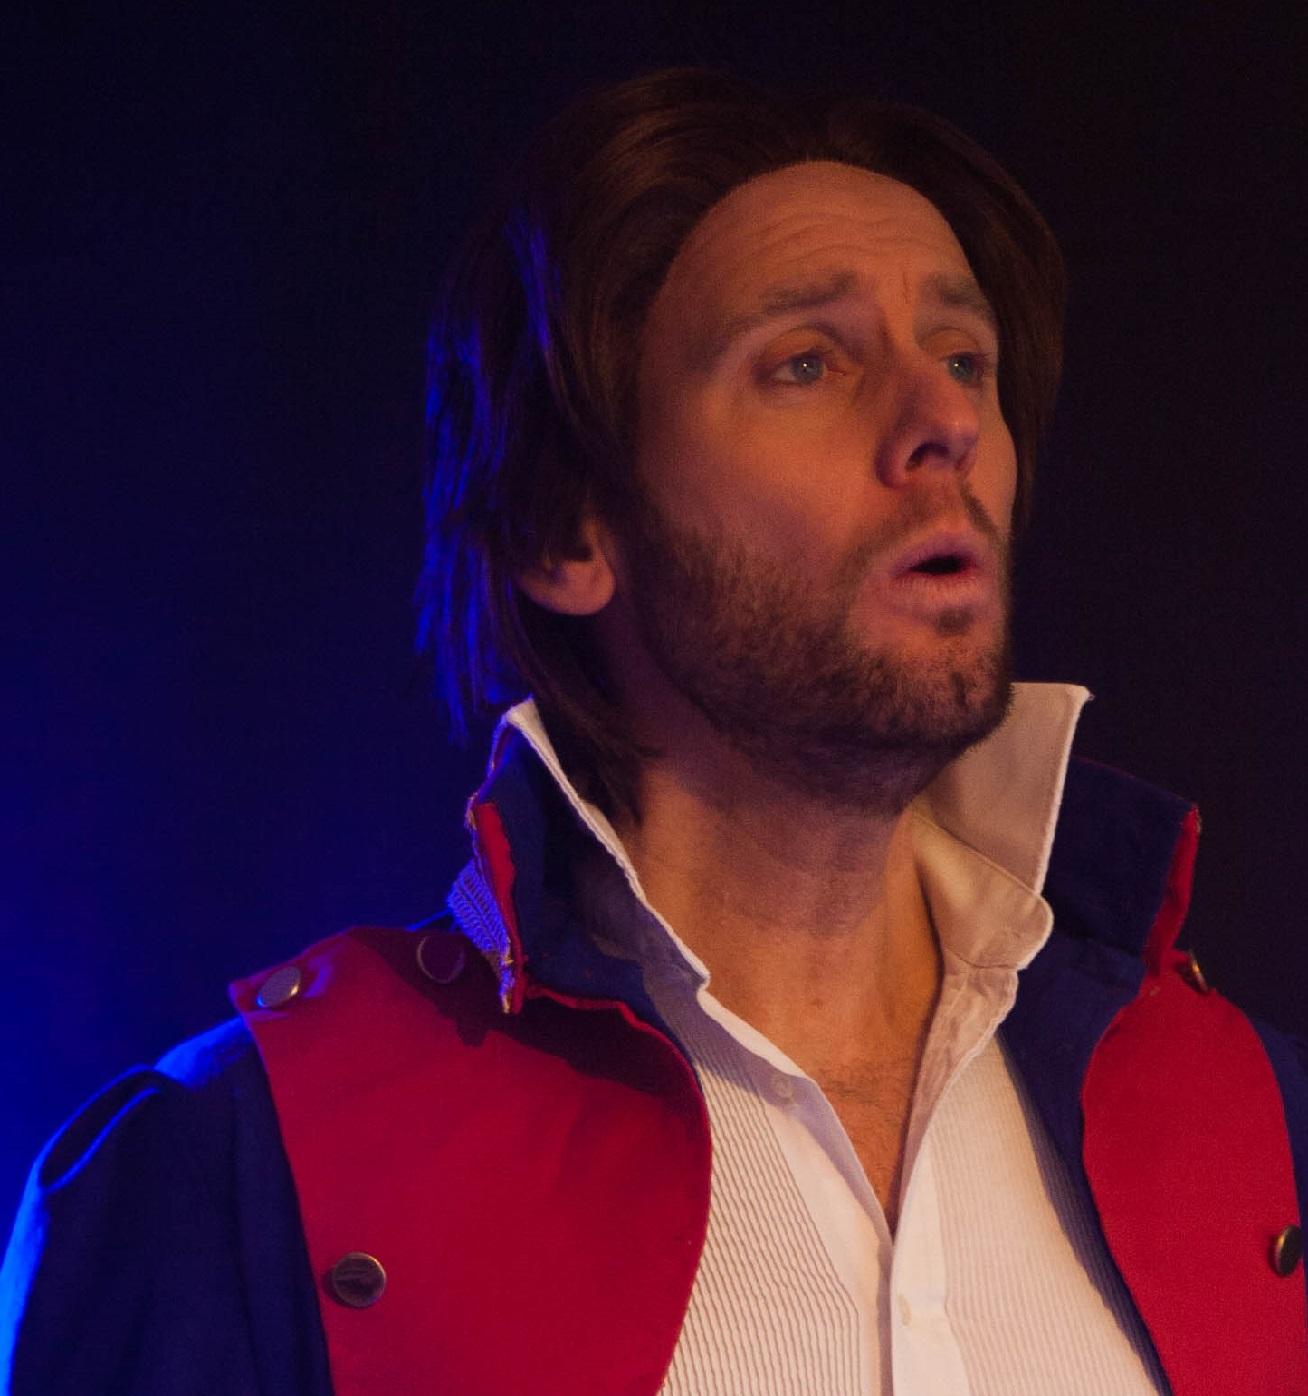 Alfie Boe Tribute Act - David Marshall